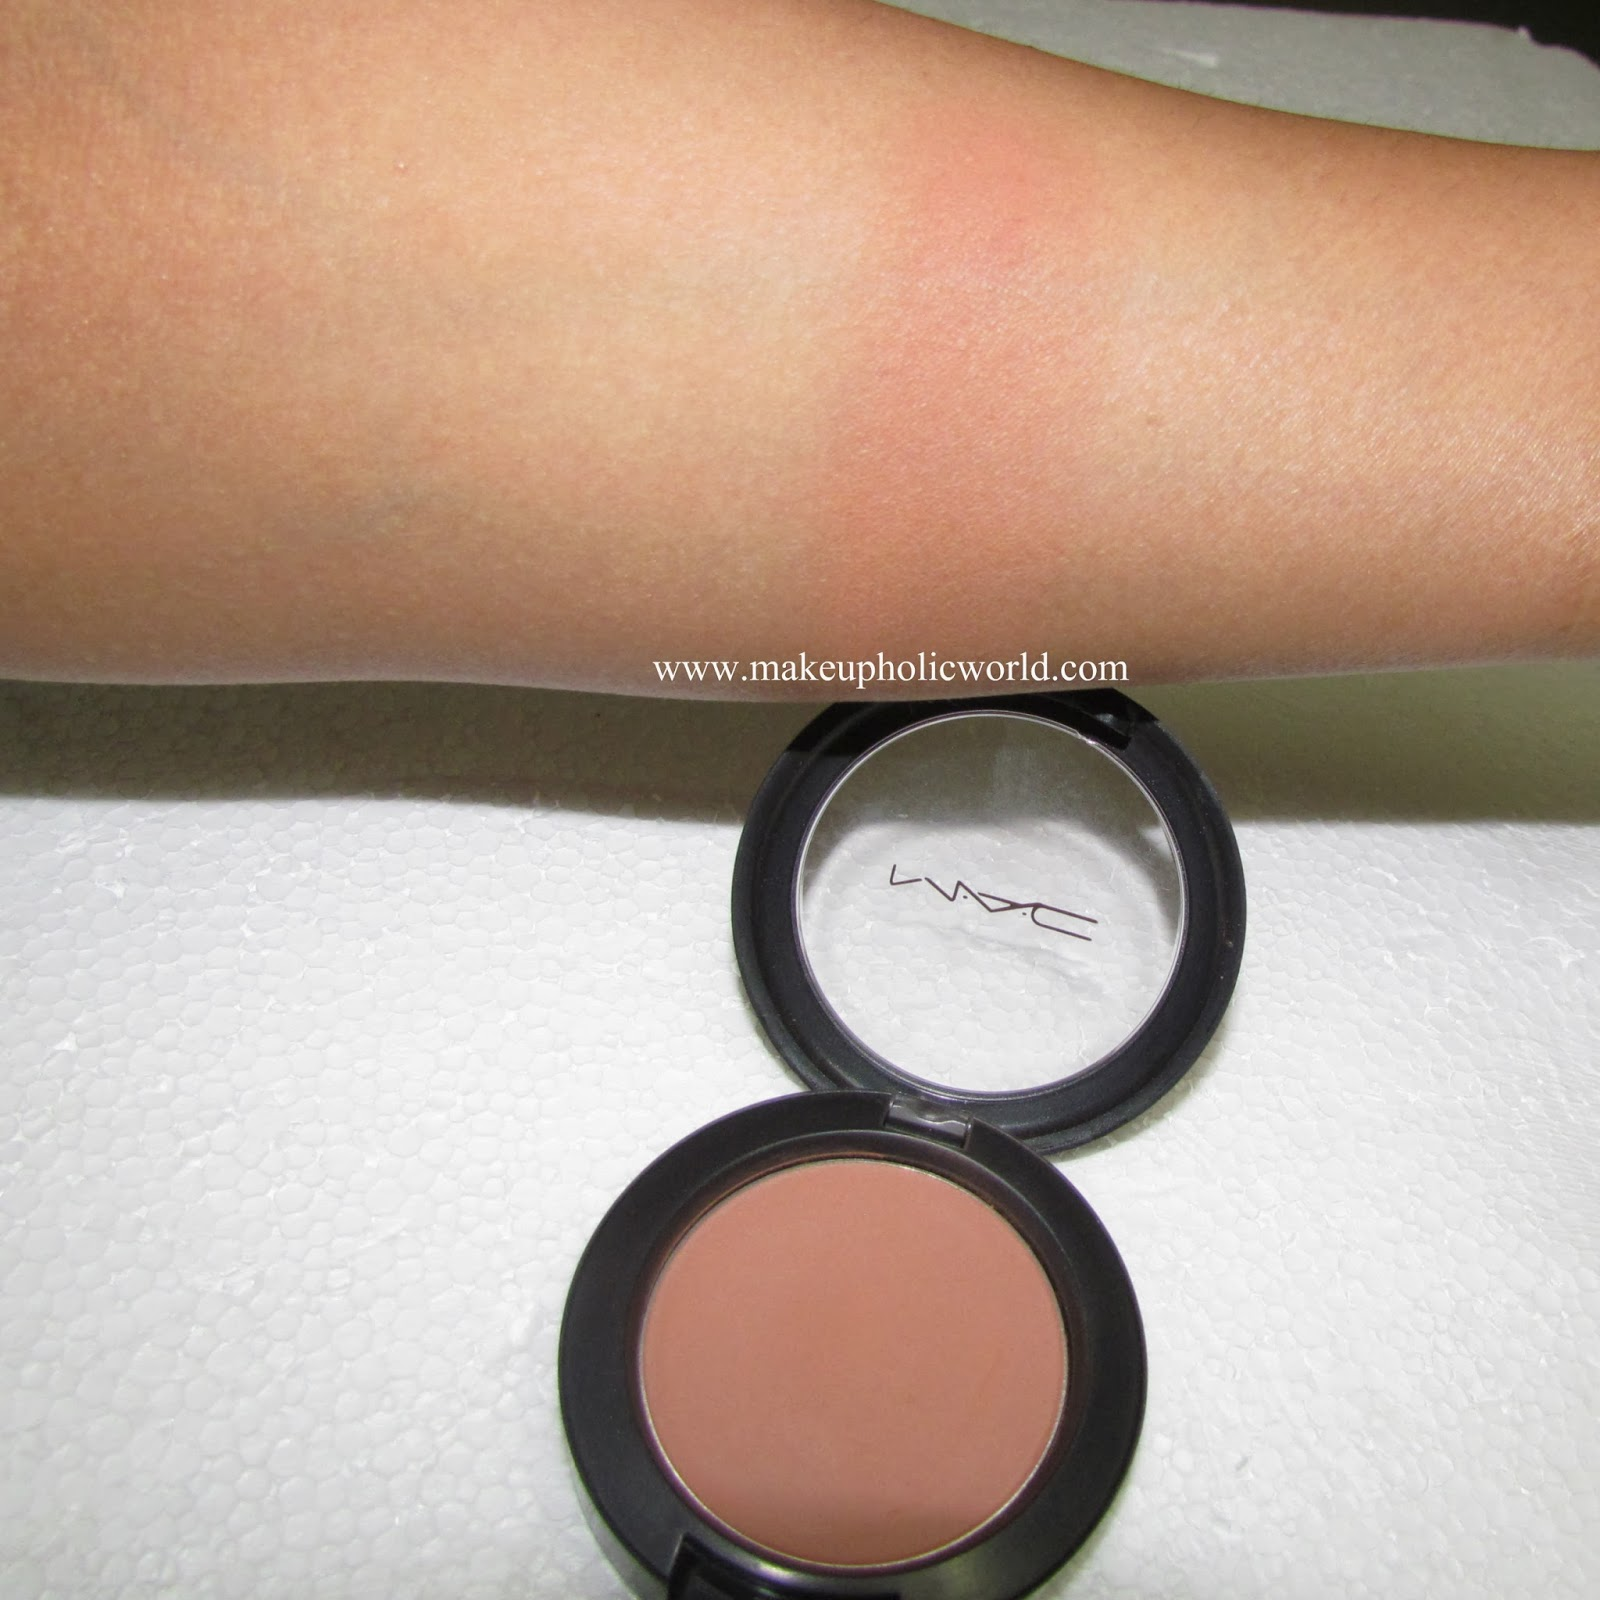 mac coppertone blush - photo #25